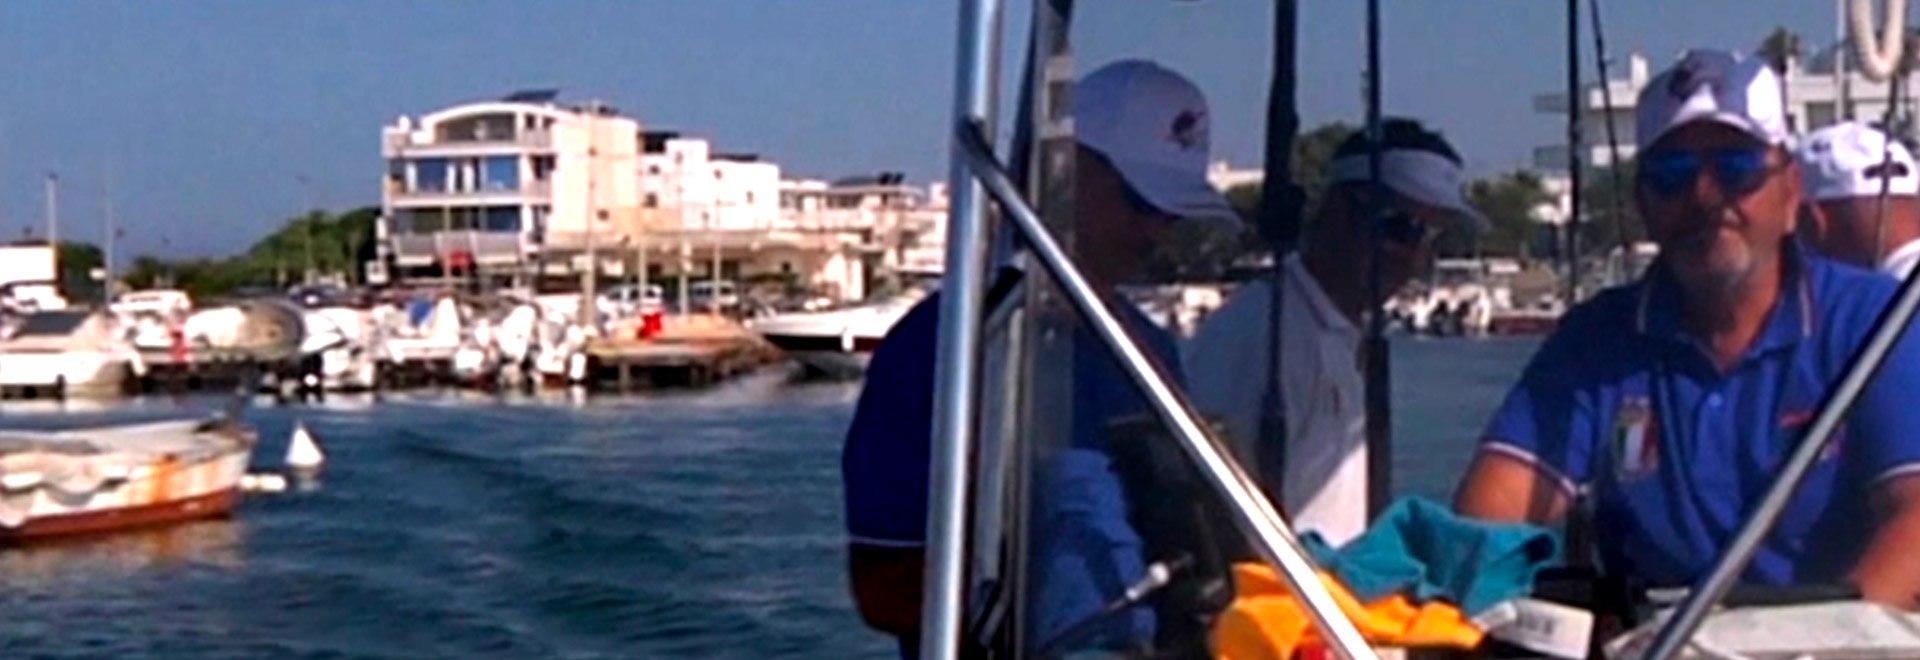 I tonni del Golfo di Salerno. 2a parte